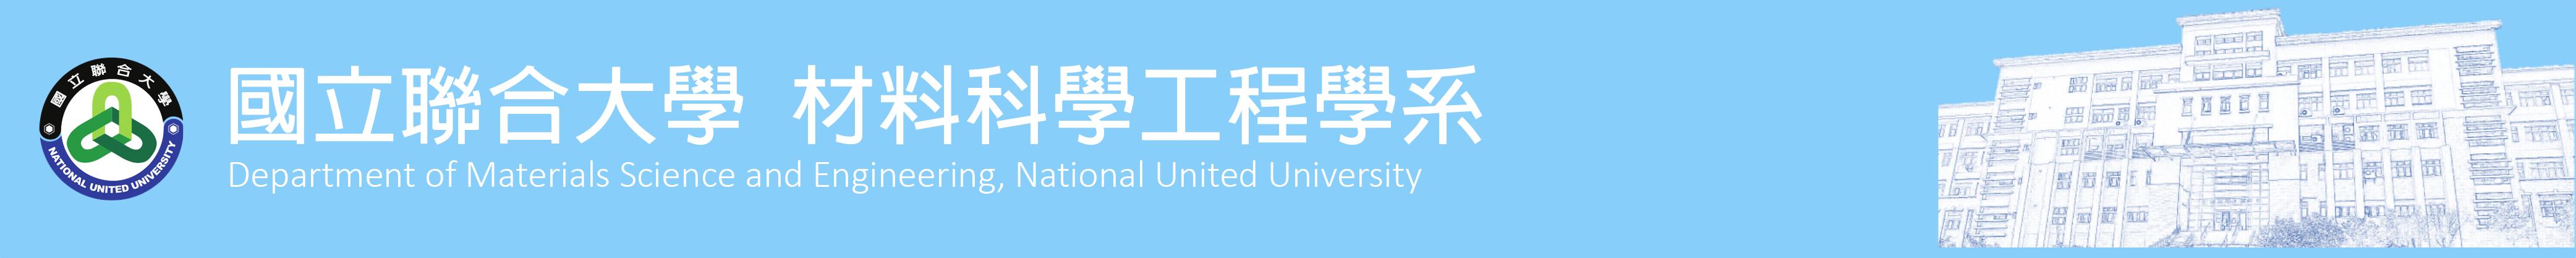 聯合大學材料工程學系